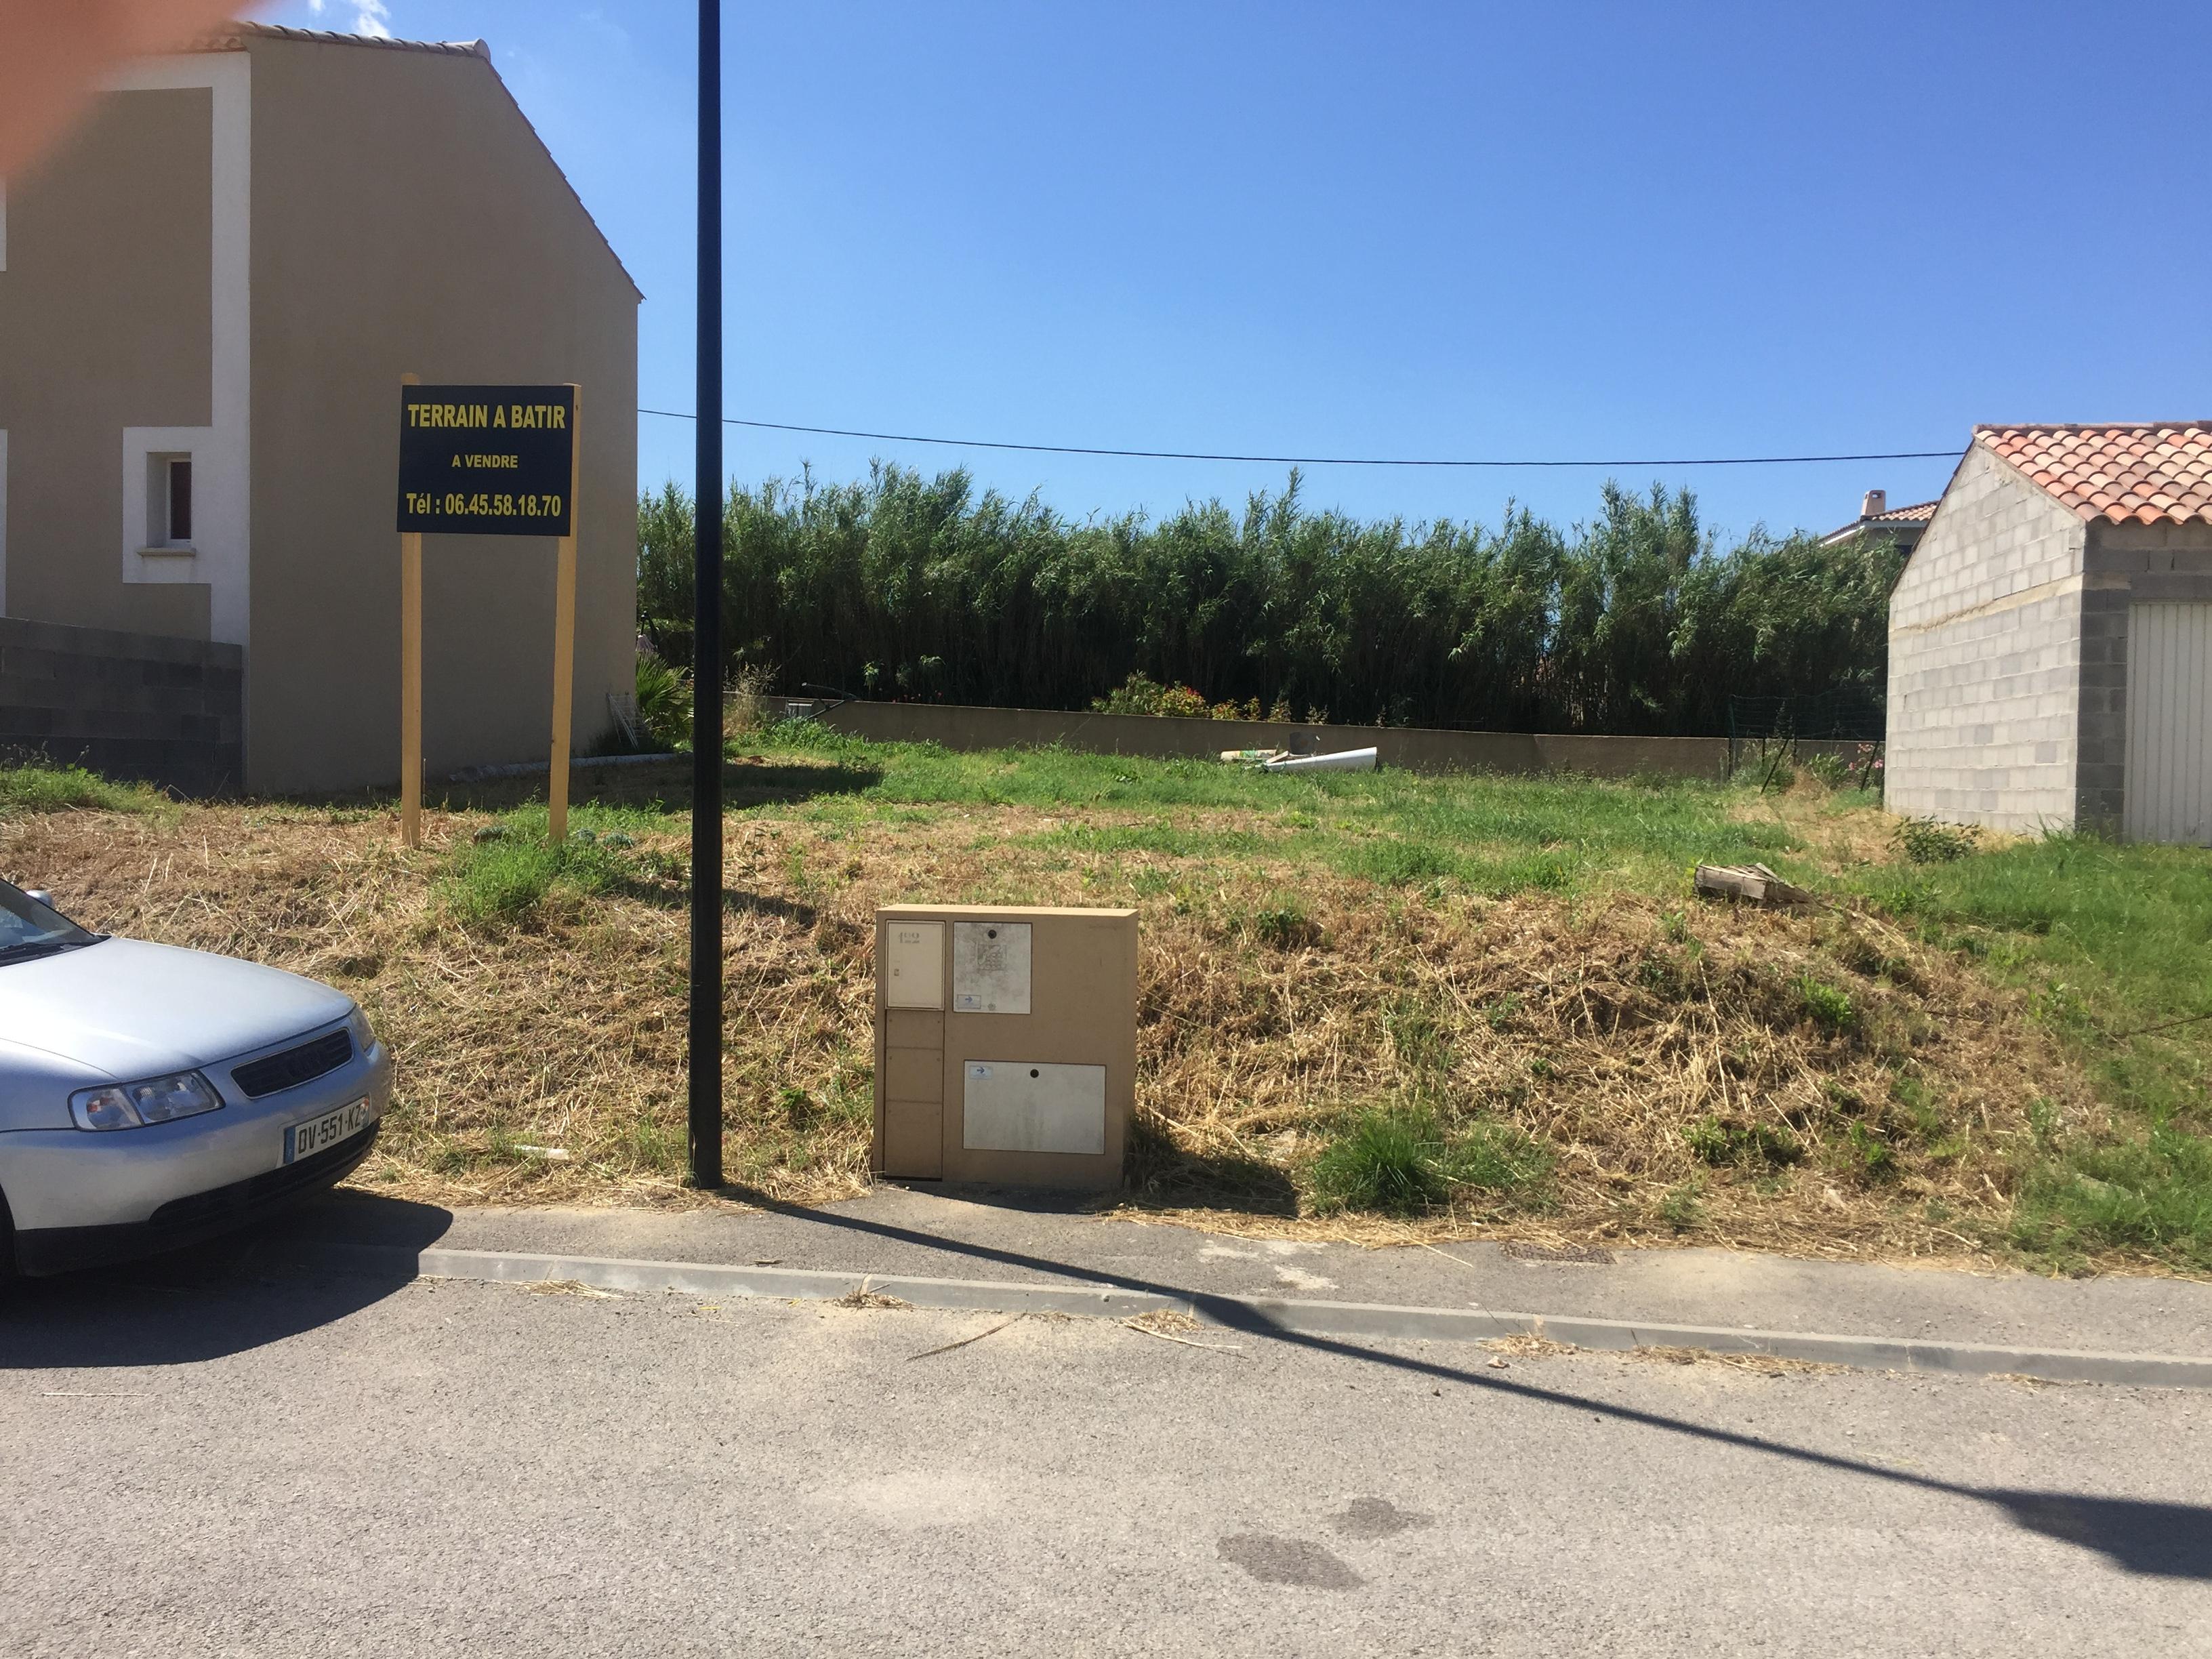 Terrains du constructeur Maisons Serge Olivier • 184 m² • BEAUVOISIN